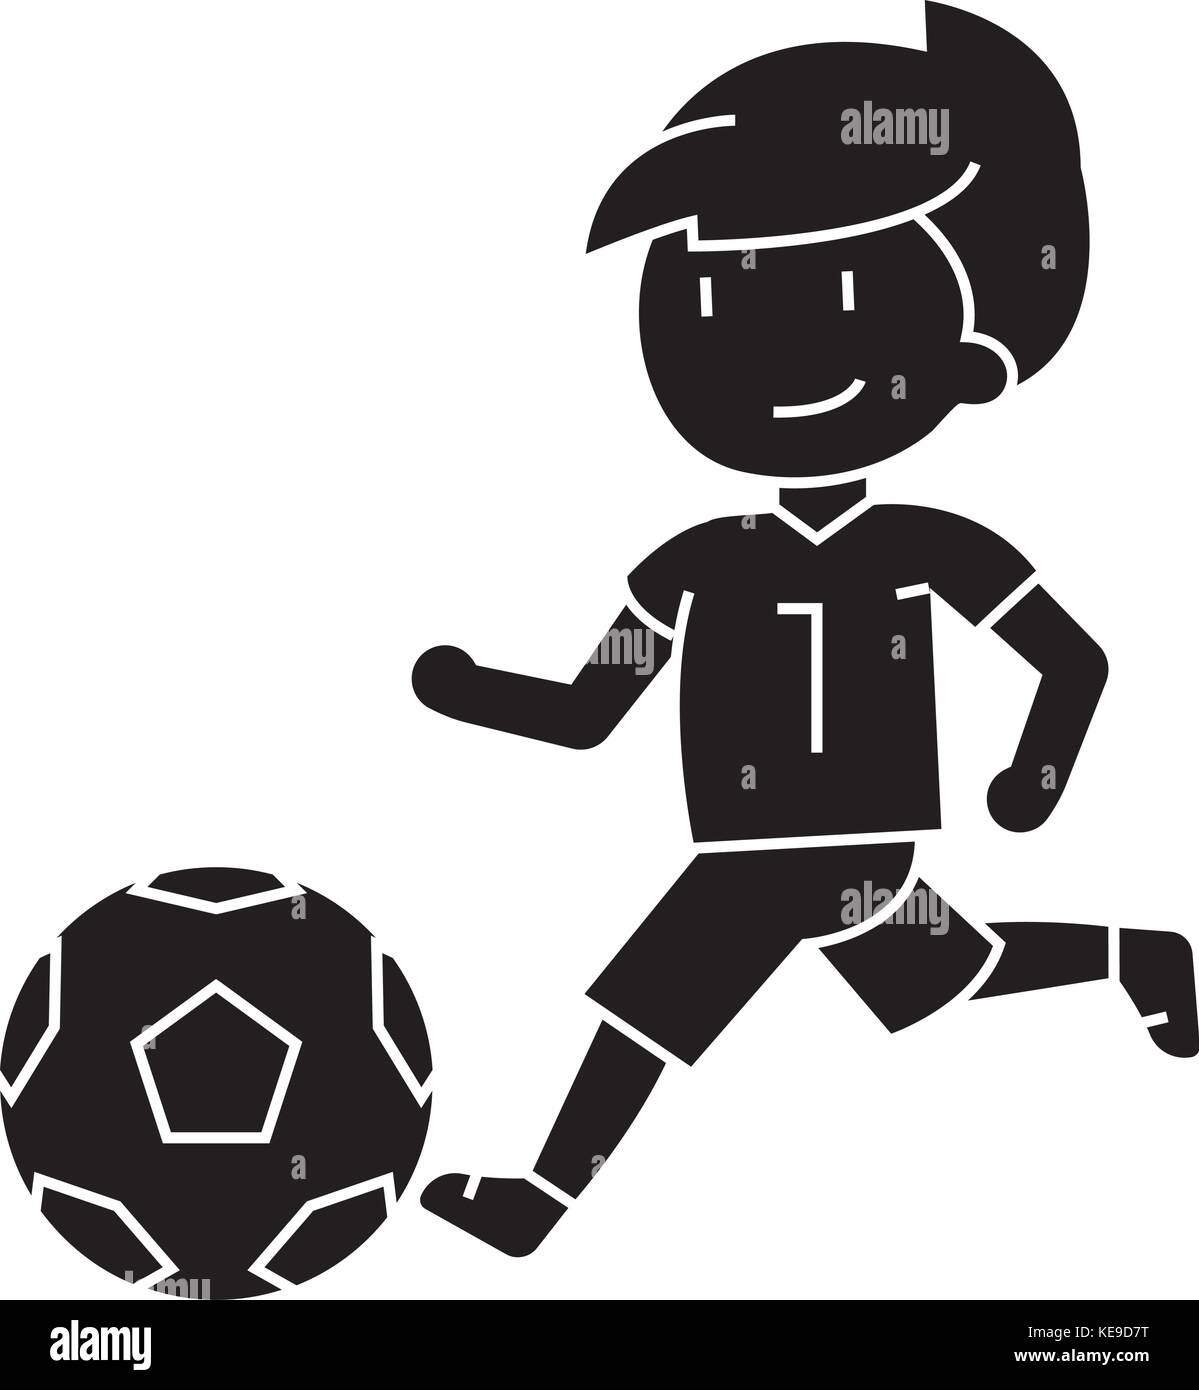 Fussball Jungen Fussball Symbol Spielen Vector Illustration